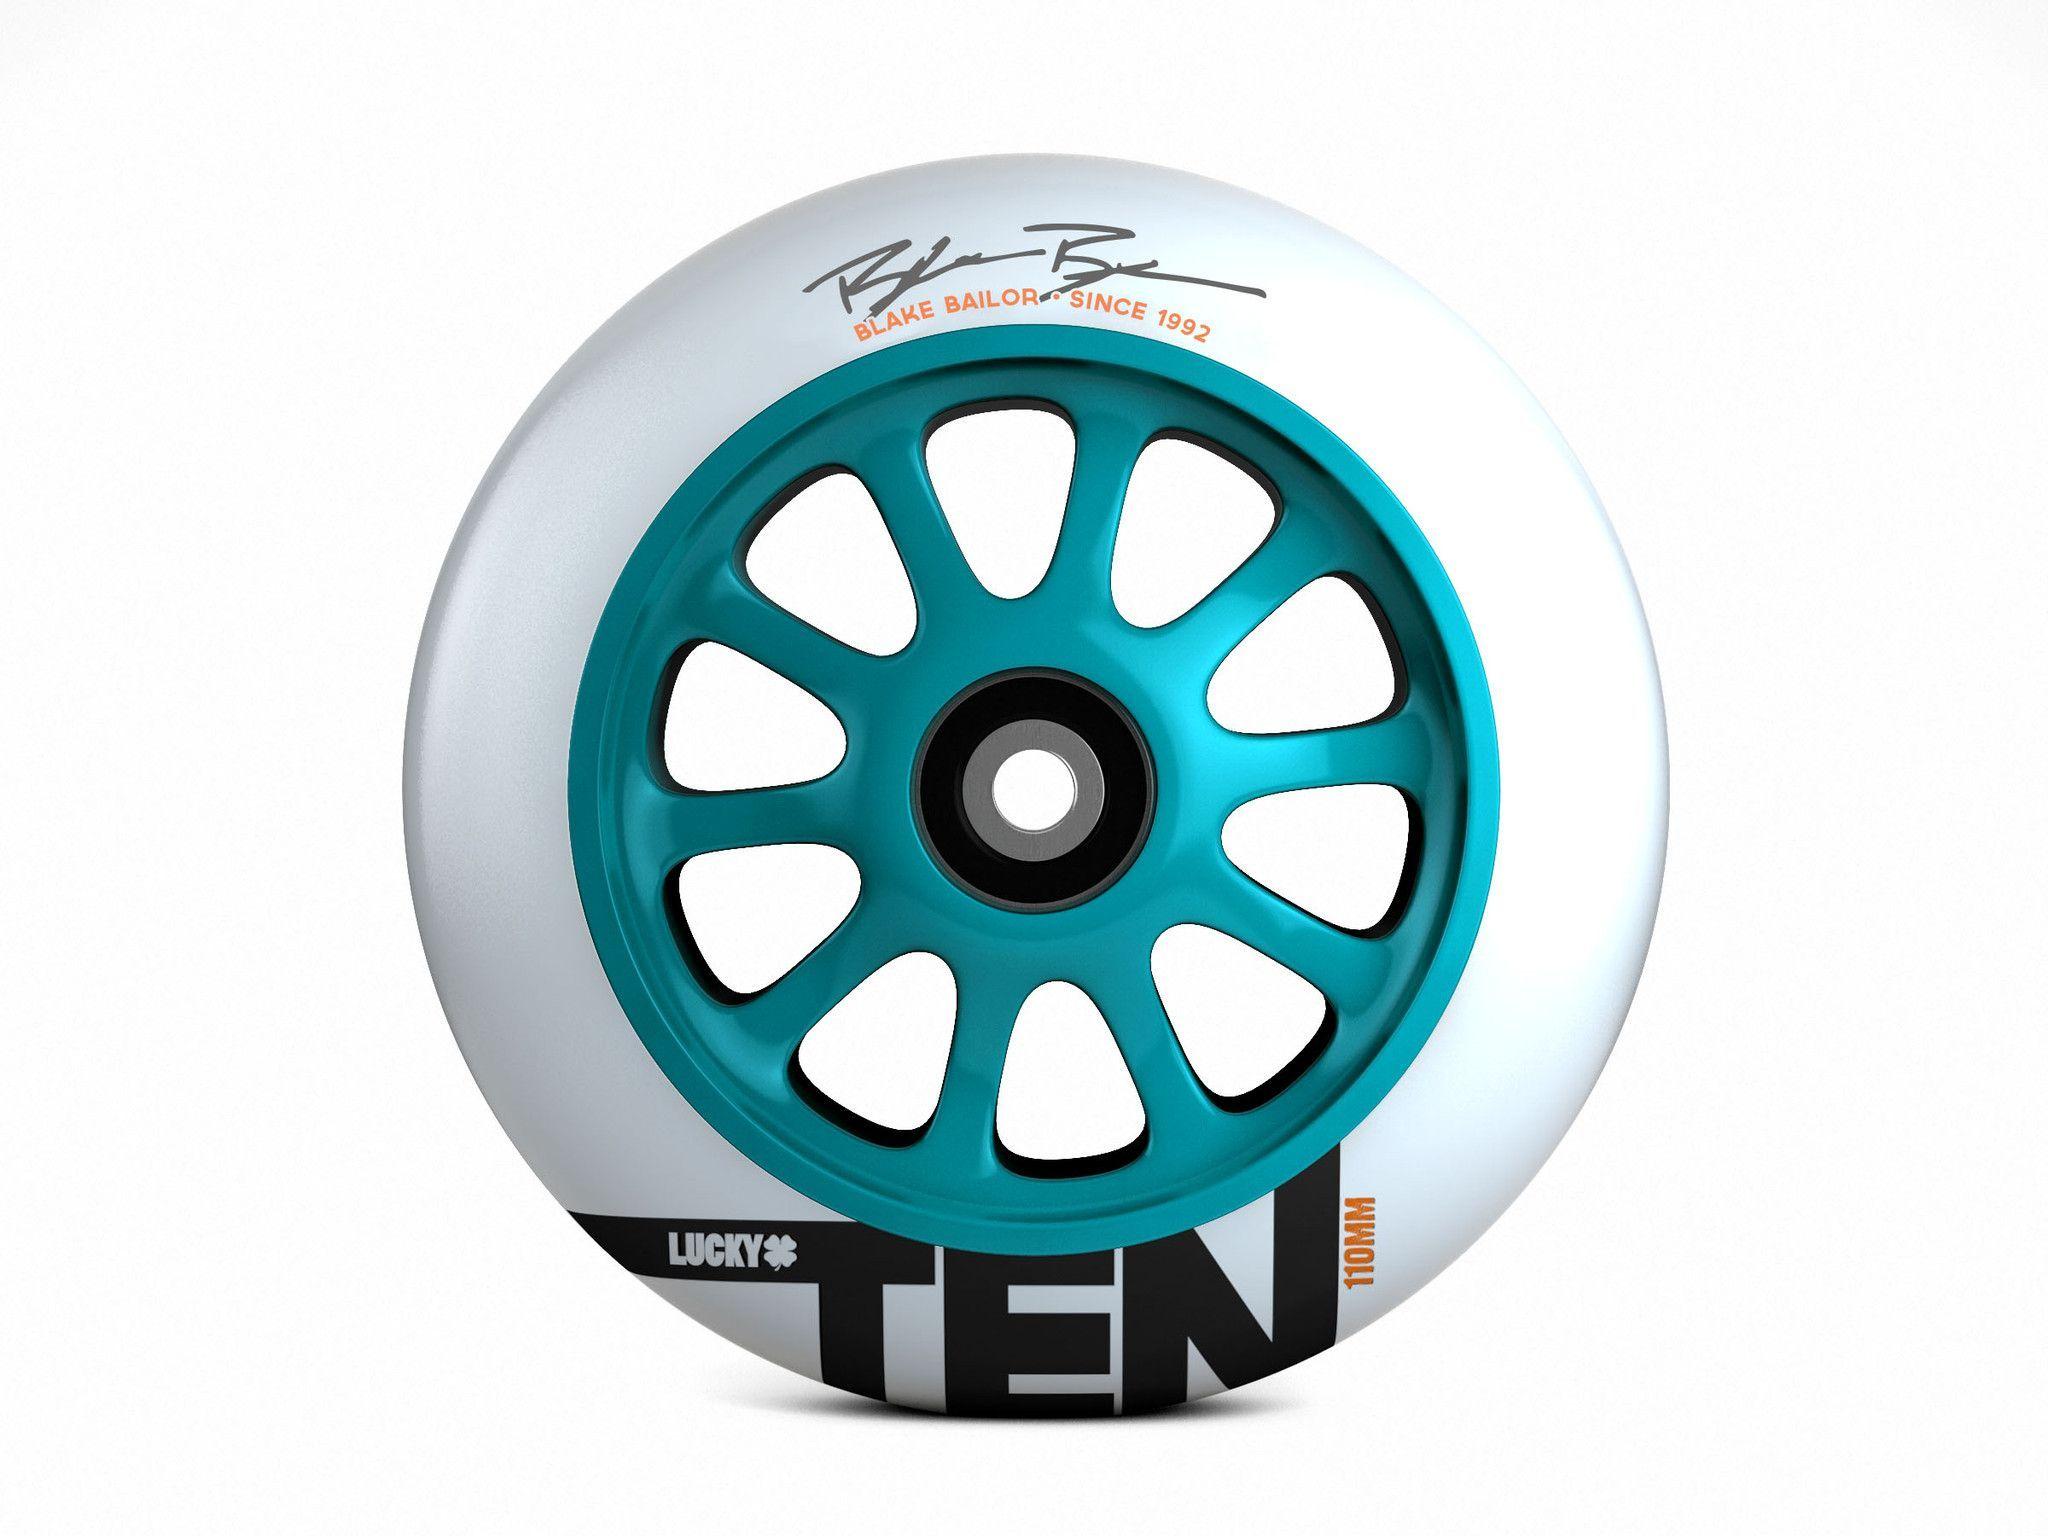 Lucky Ten 110mm Wheel Blake Bailor Sig